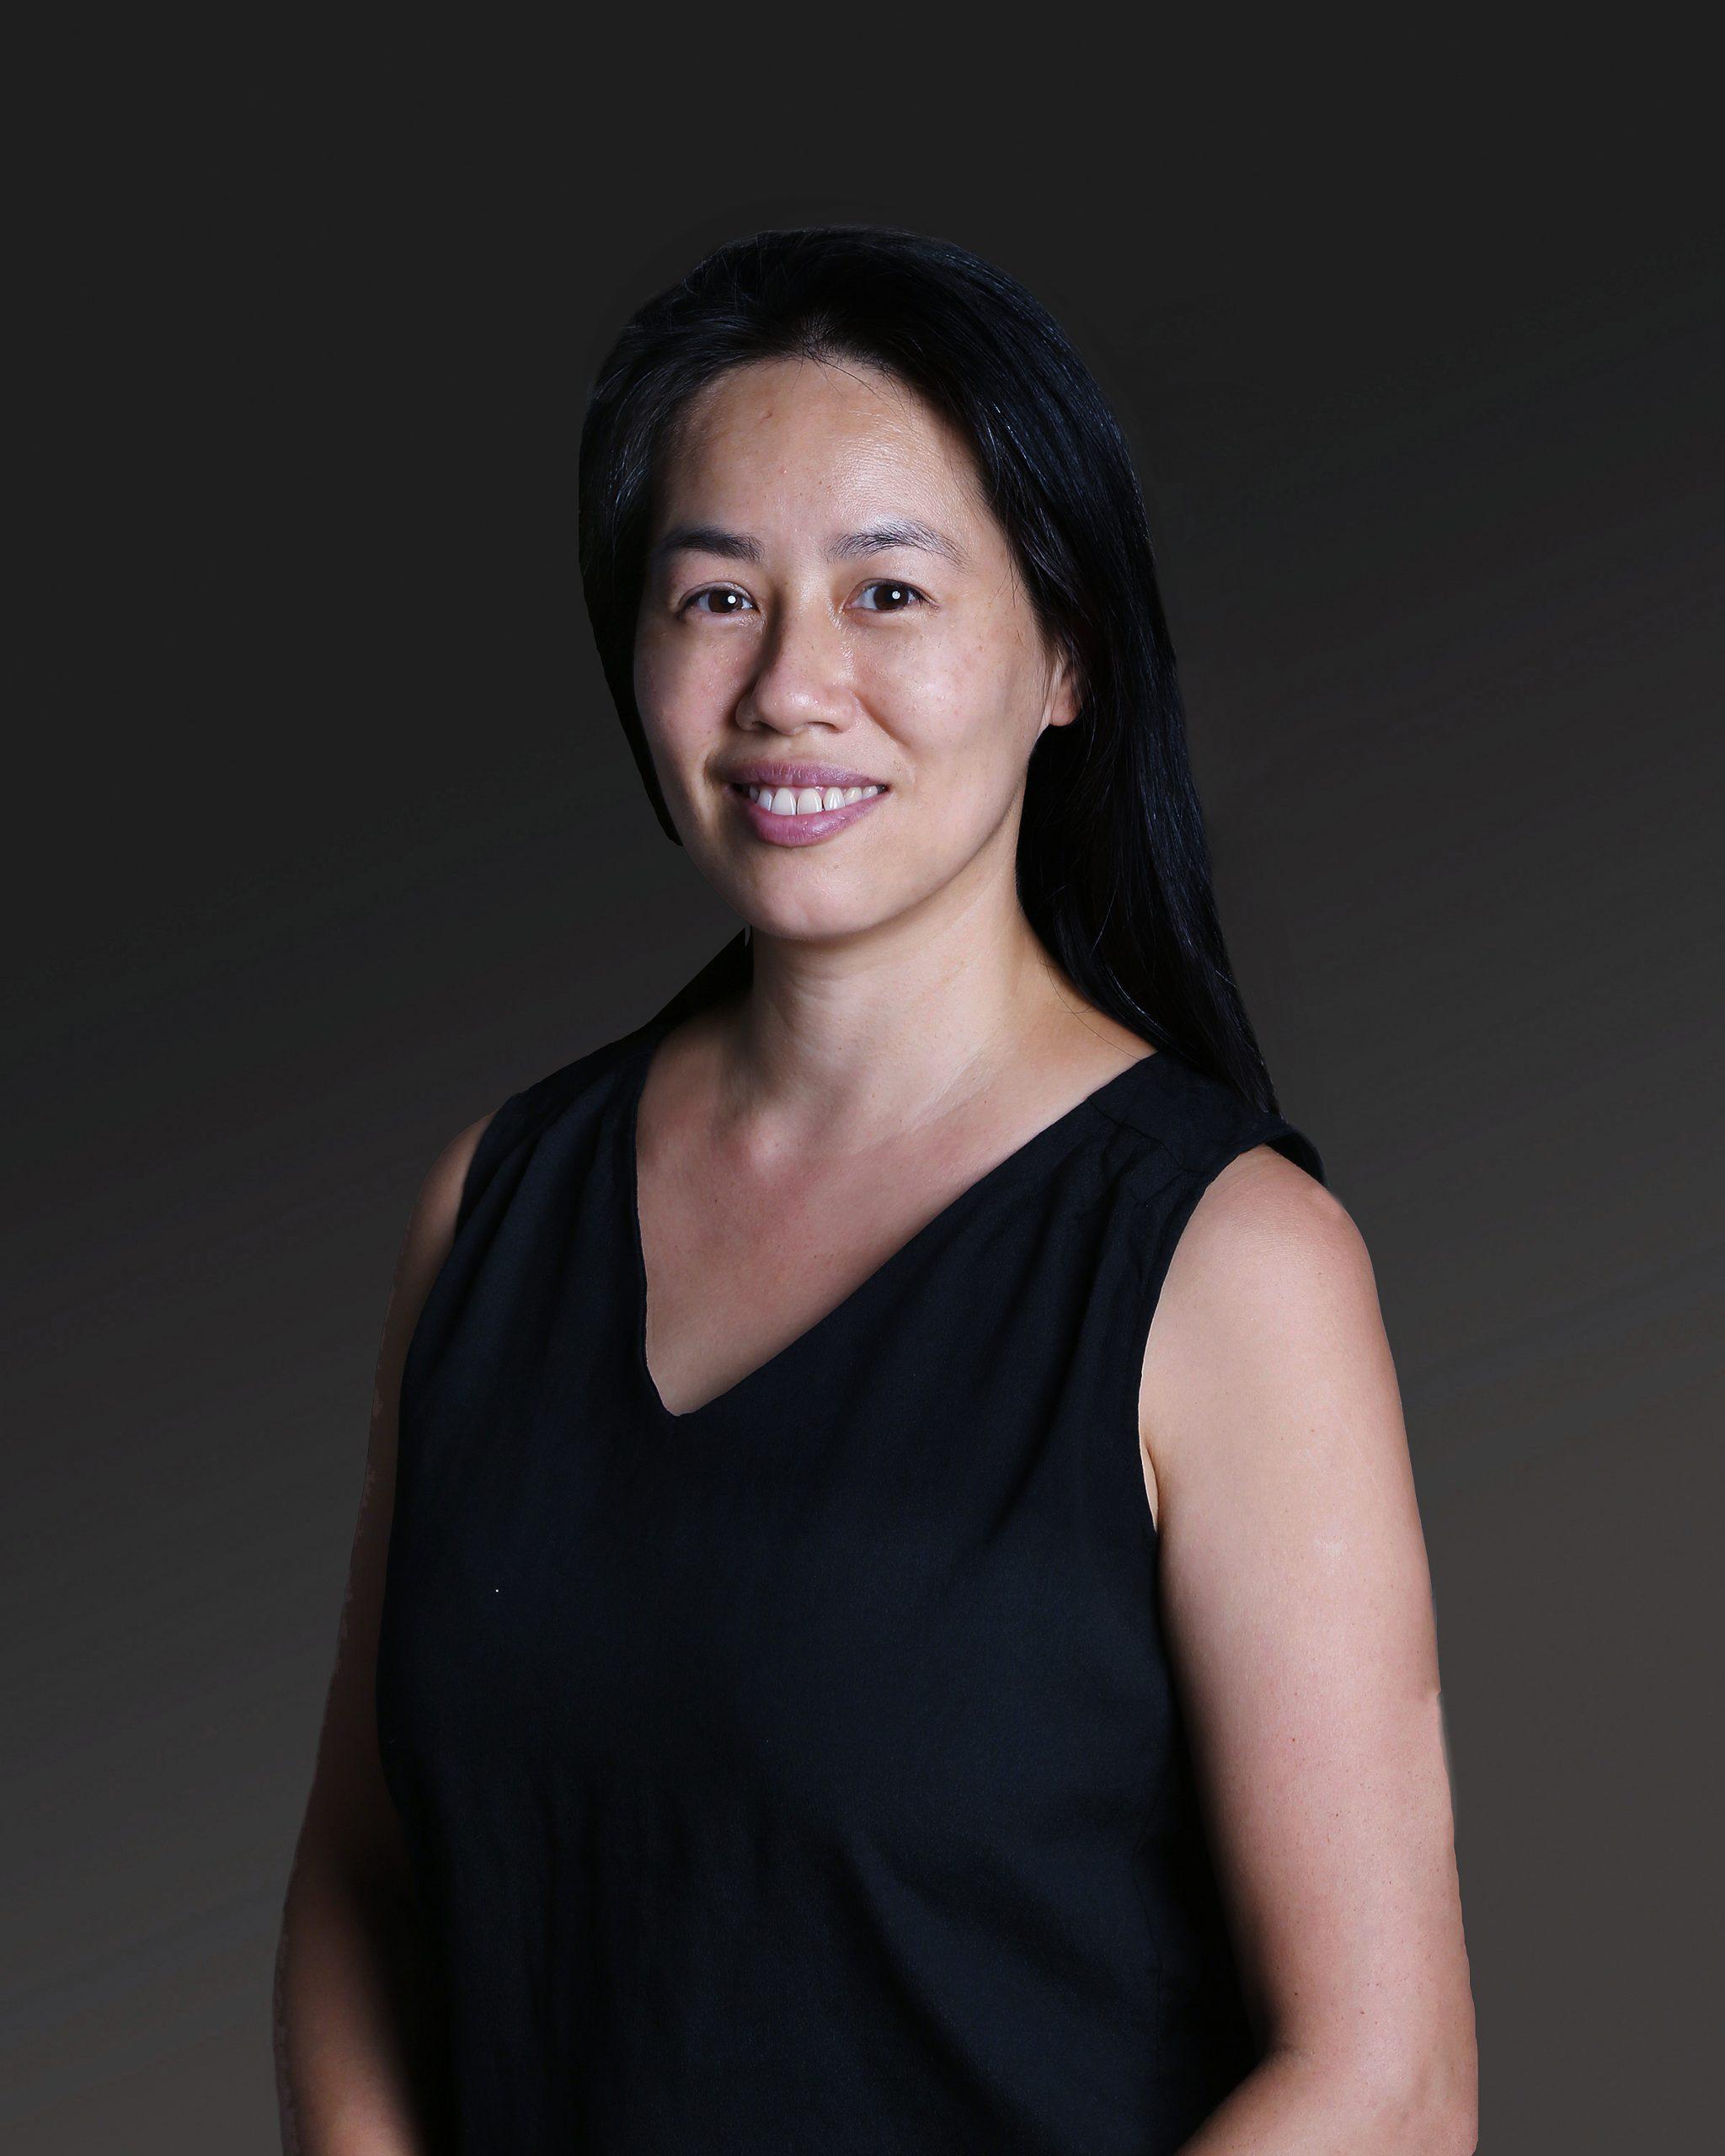 Mabel Choi